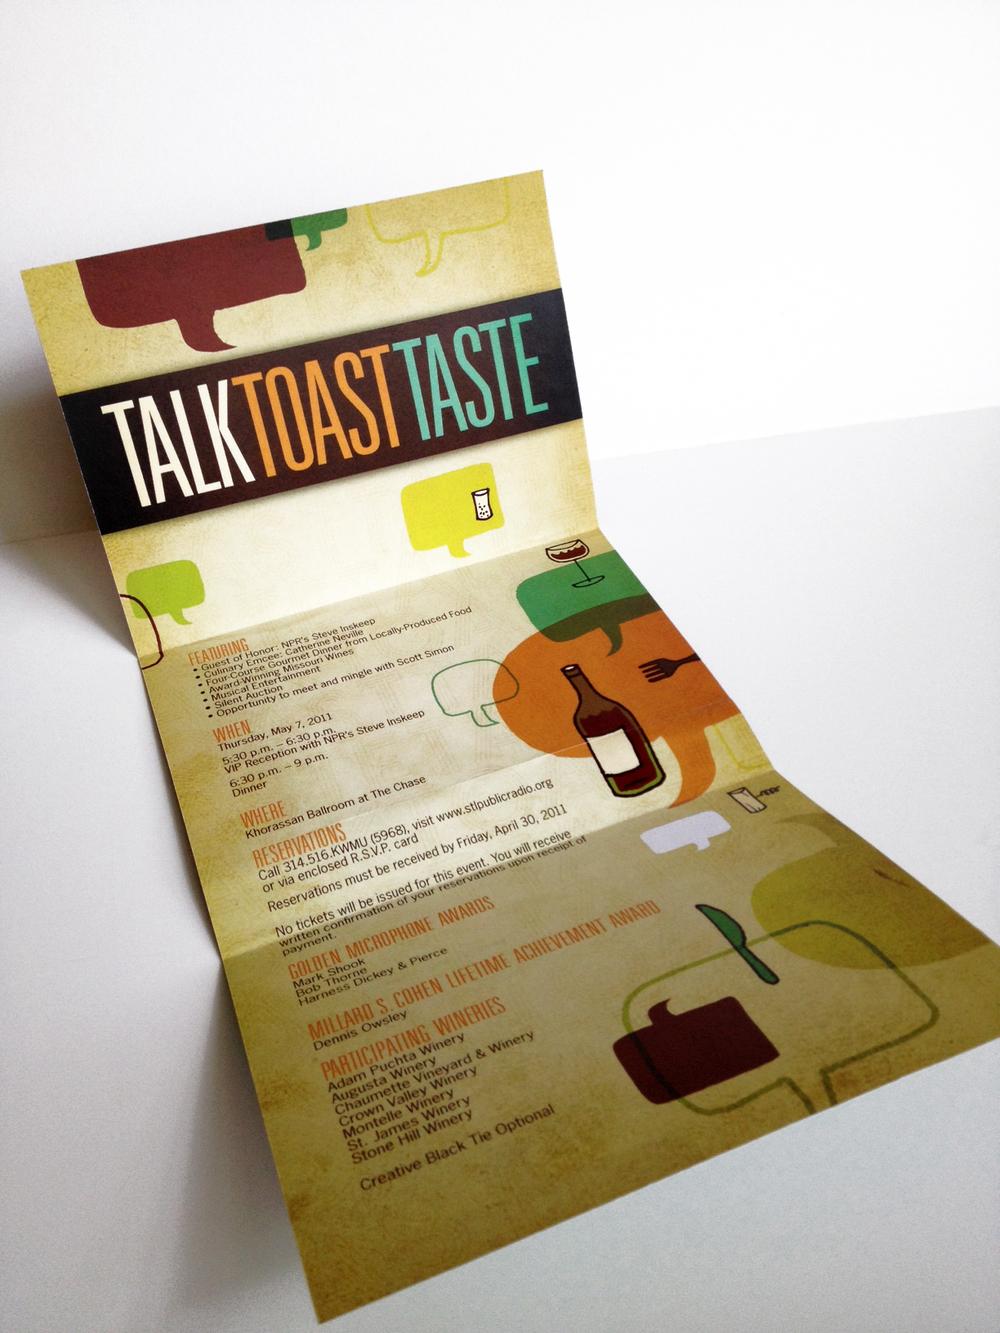 TalkToastTaste_2.JPG